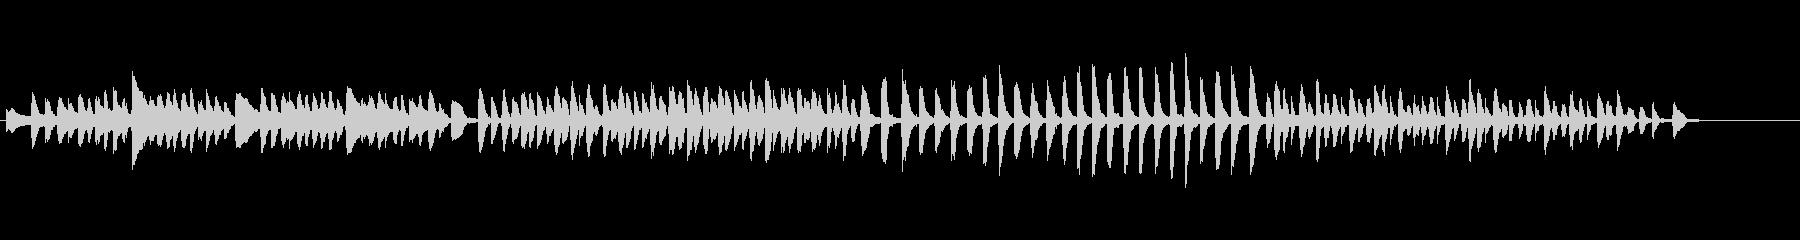 チャイコフスキー、子供のためのピアノ曲の未再生の波形